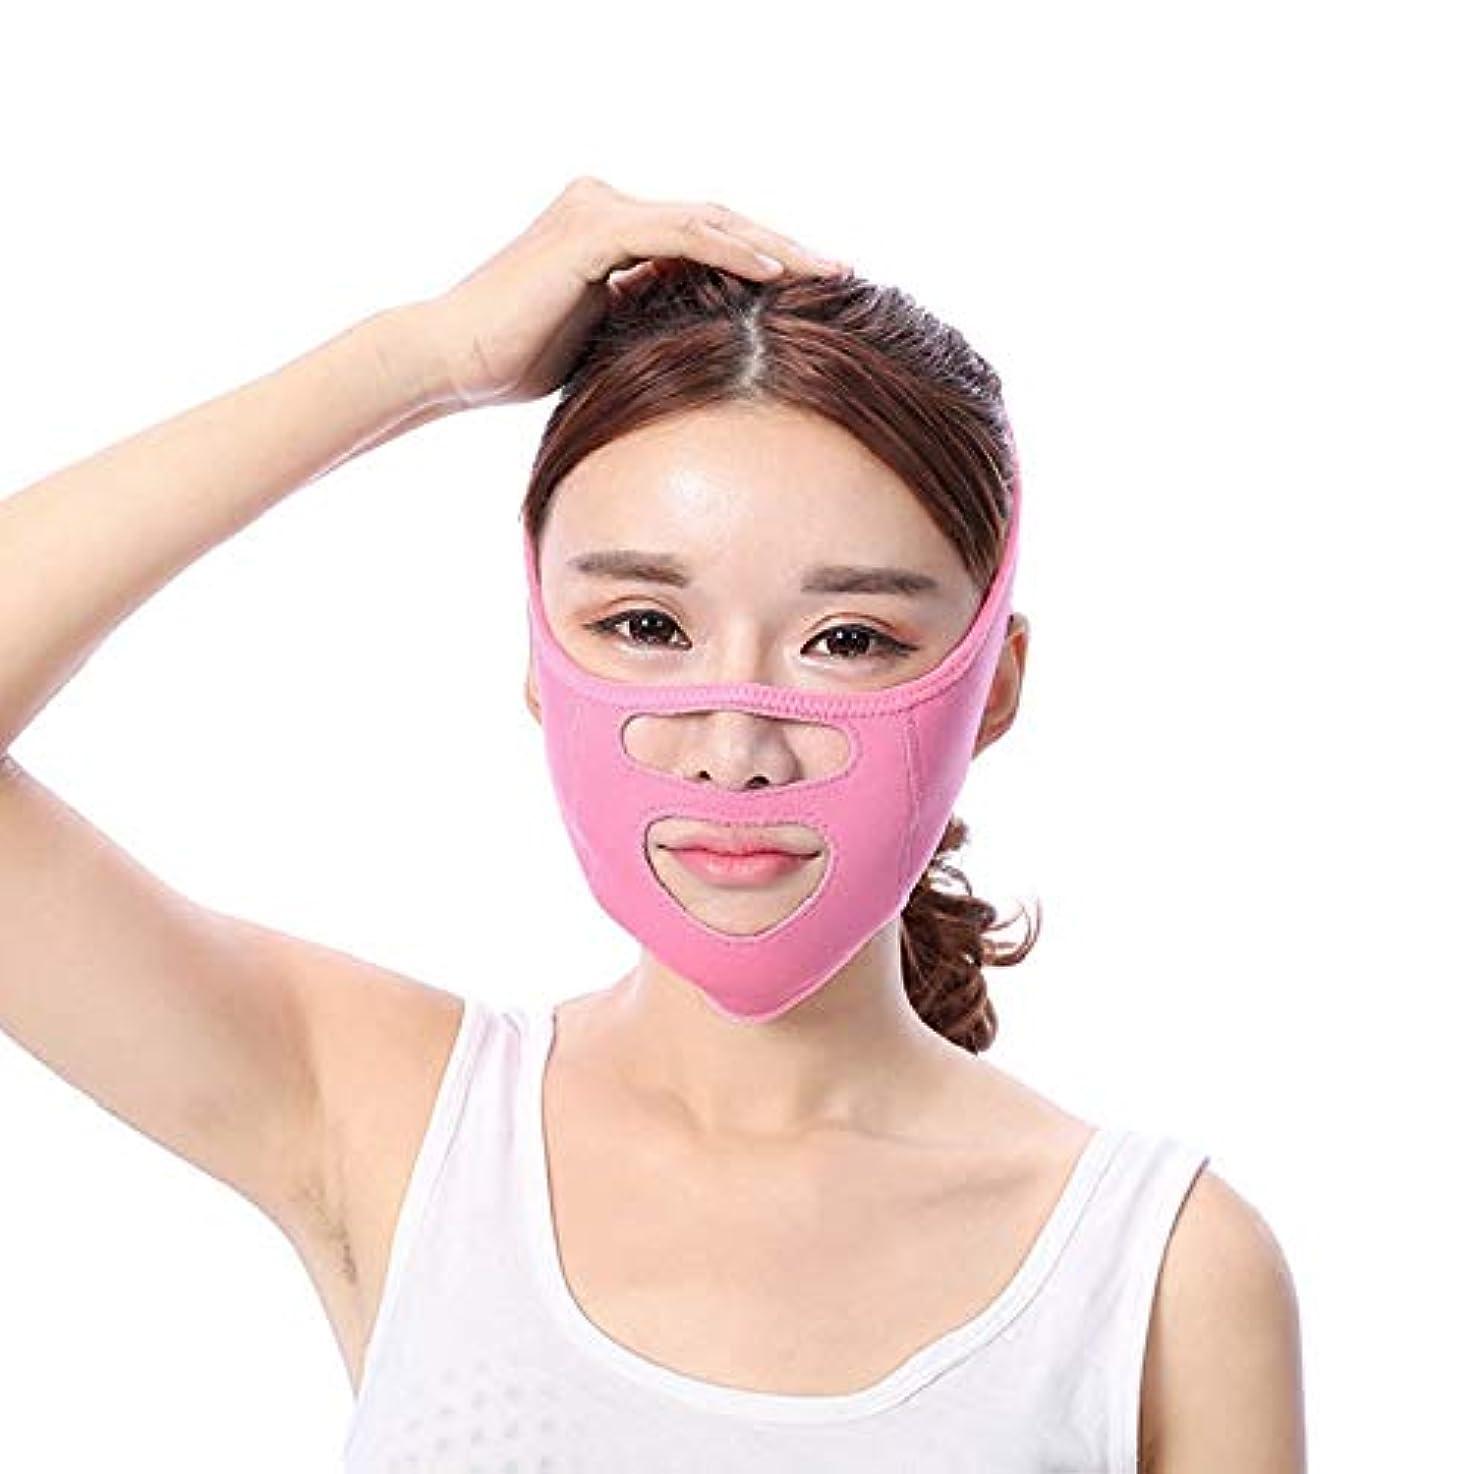 受粉者泣くプラスチックフェイスリフトベルト フェイスリフトベルトフェイスバンデージ美容機器リフティングファインディングダブルチン法令Vマスク睡眠マスク通気性